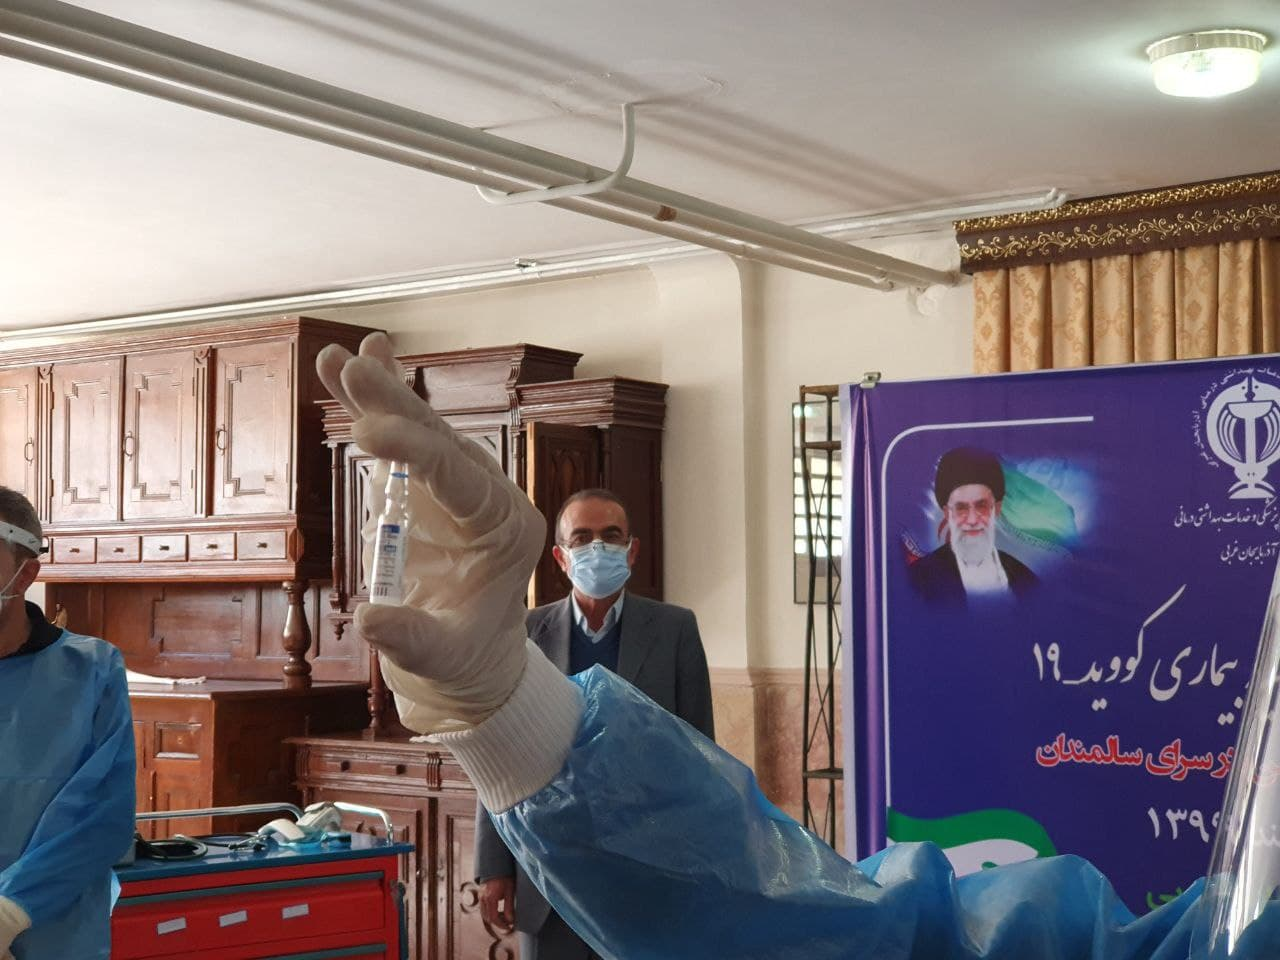 آخرین آمار مبتلایان به کرونای انگلیسی در آذربایجانغربی / آغاز واکسیناسیون سالمندان